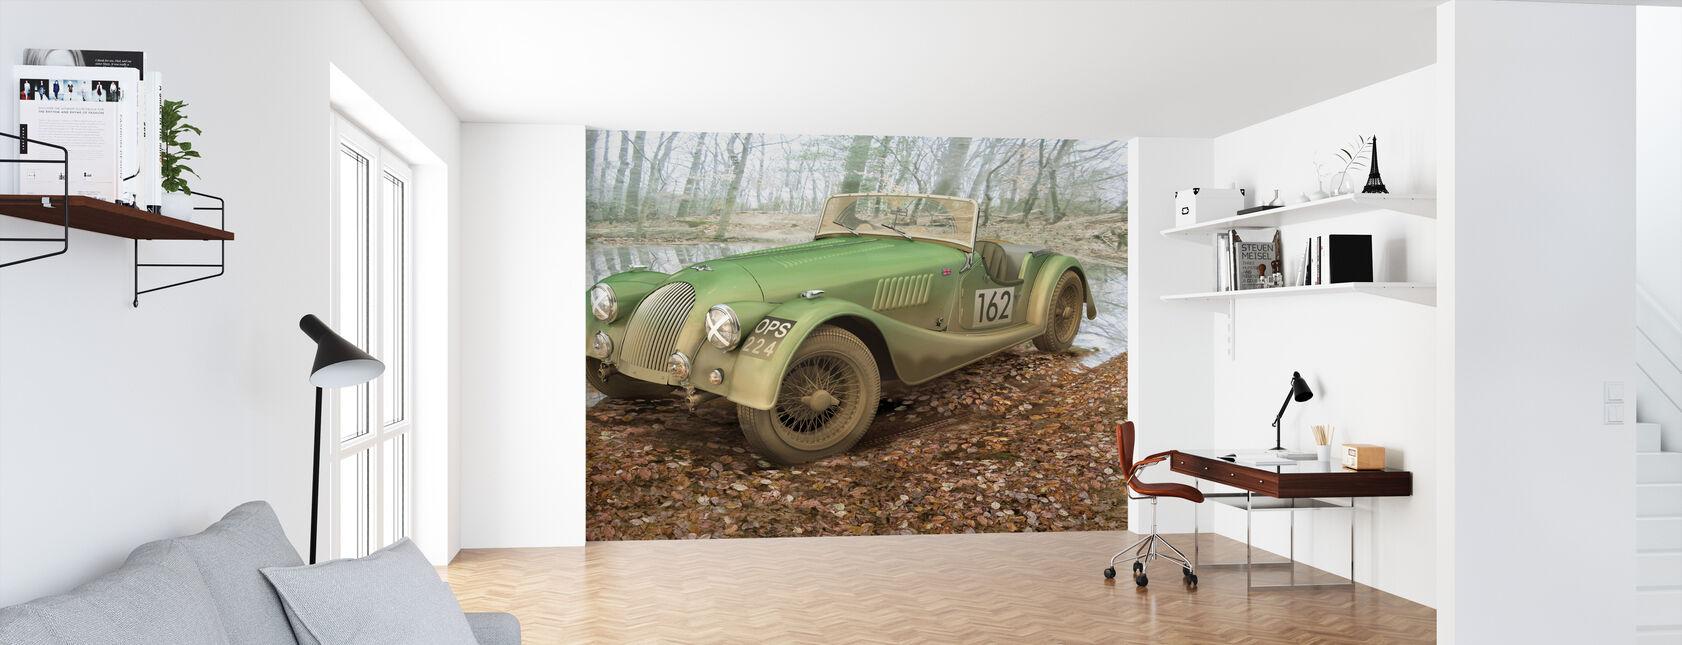 Britse sportwagen herfst - Behang - Kantoor